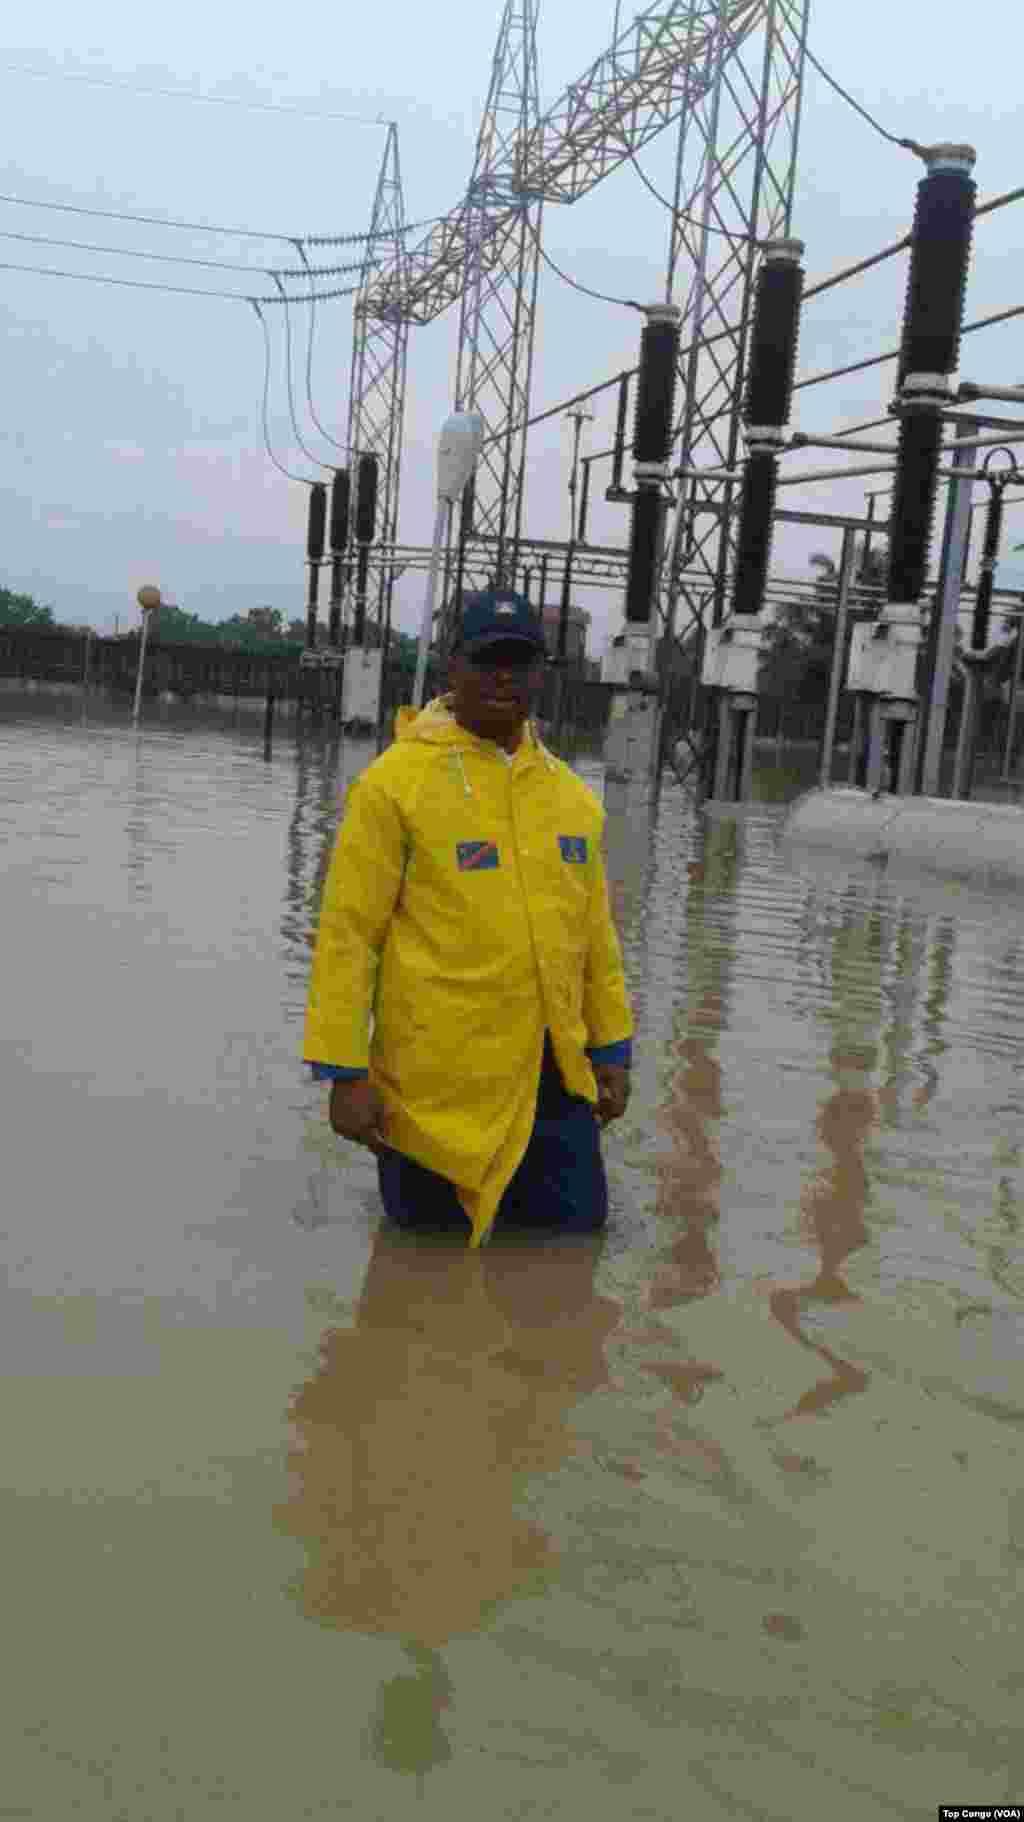 Un agent de la Société nationale d'électricité (SNEL) dans une station inondée, à Kinshasa, le 4 janvier 2017. (VOA/TopCongo)